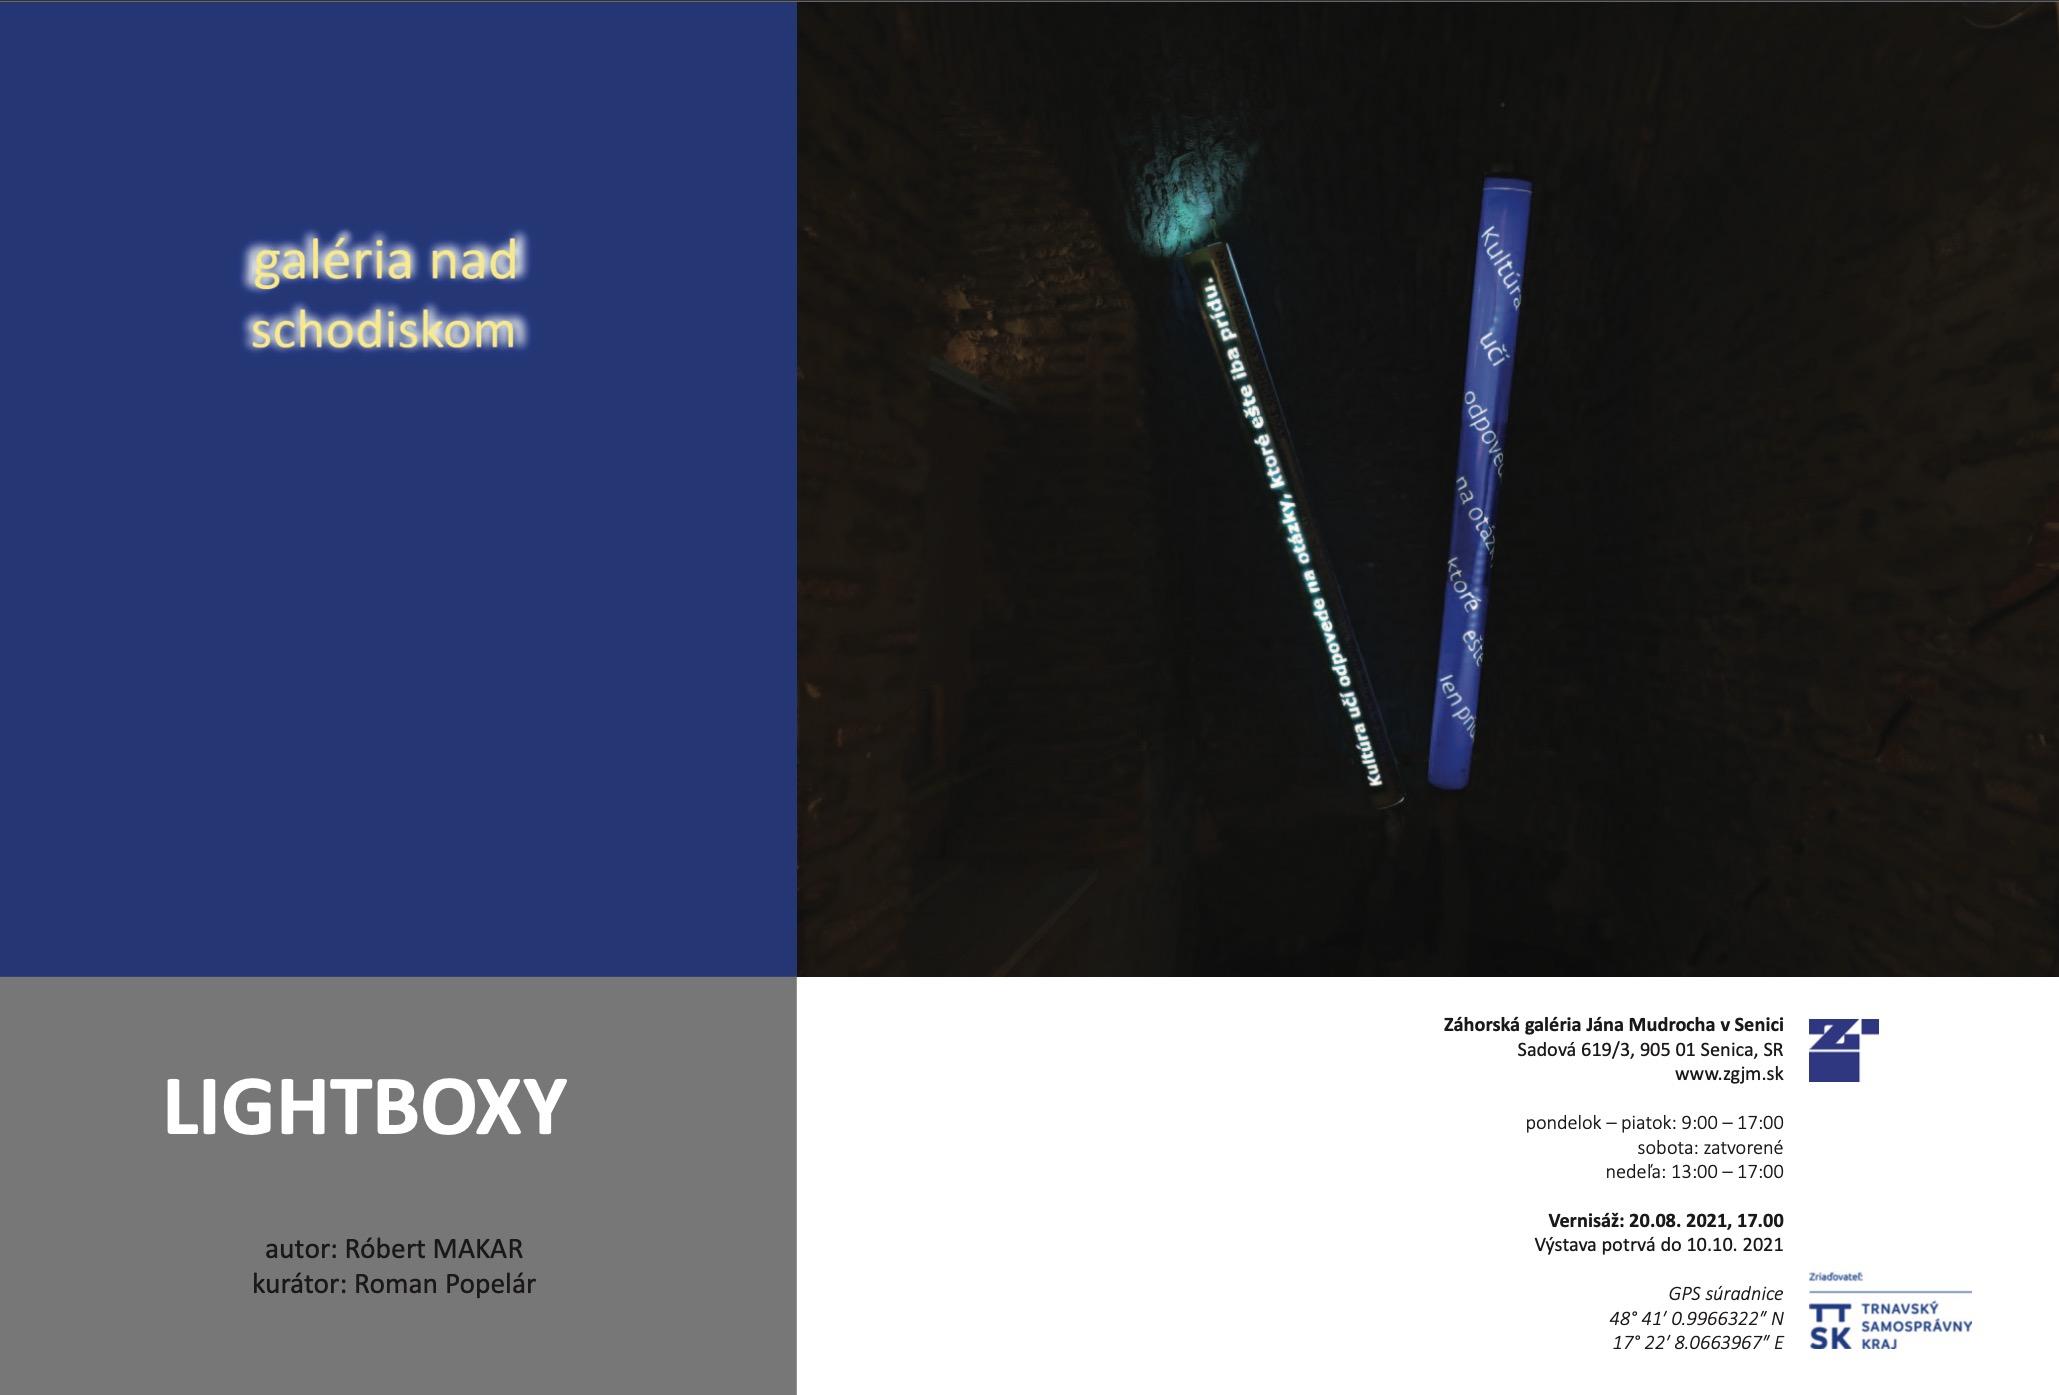 Lightboxy-pozvanka